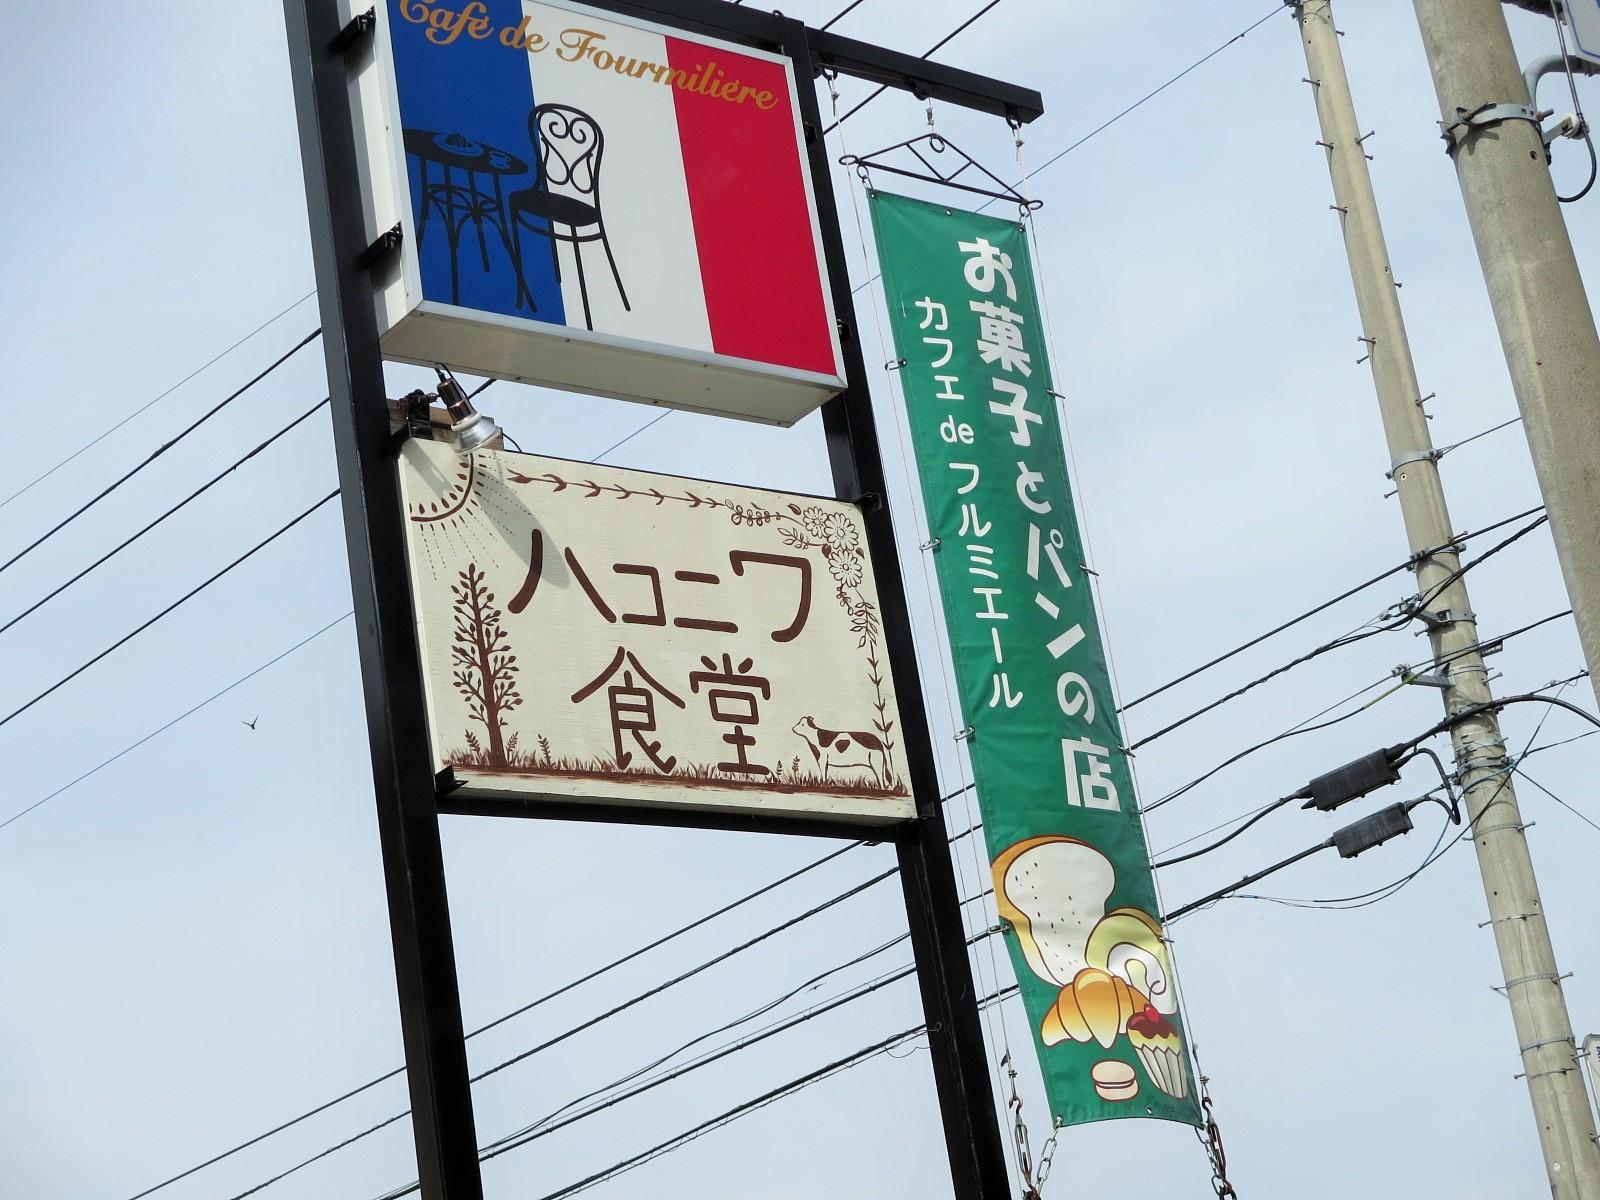 カフェ・ド・フルミエール/Cafe de Fourmiliere @北軽井沢_f0236260_2318210.jpg